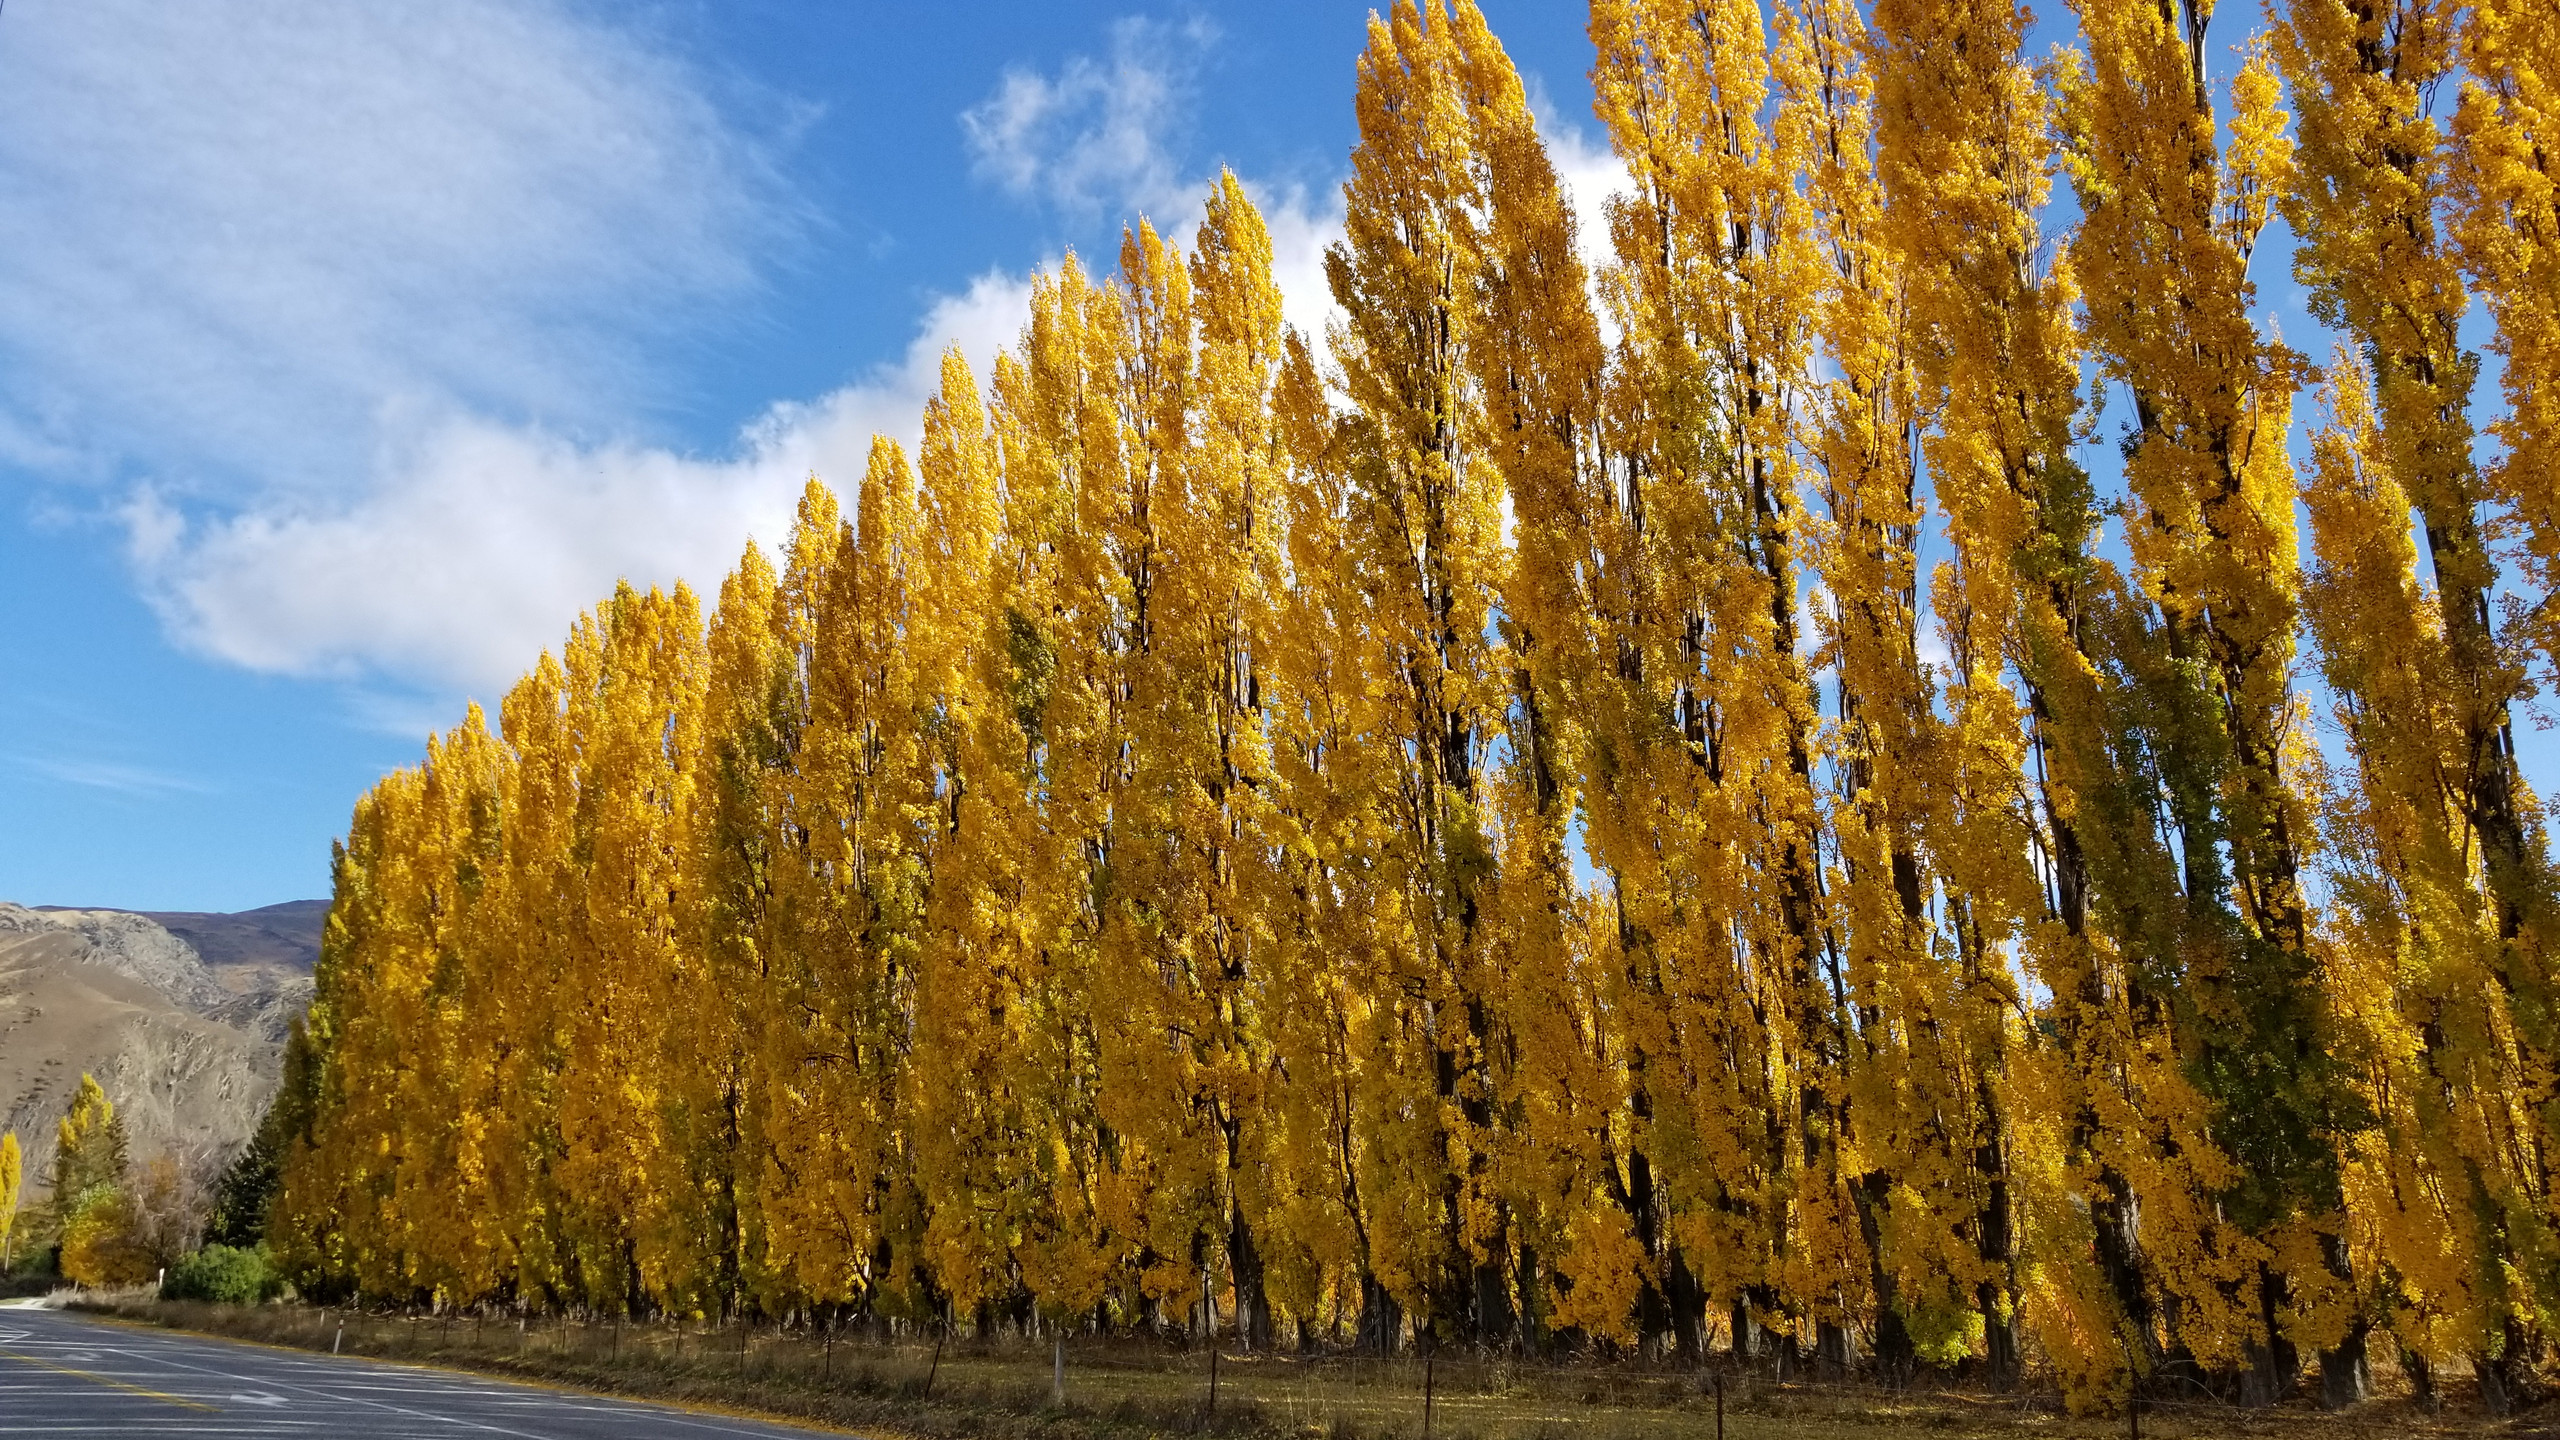 Autumn in New Zealand, Arrowtown New Zealand attractions, New Zealand activities